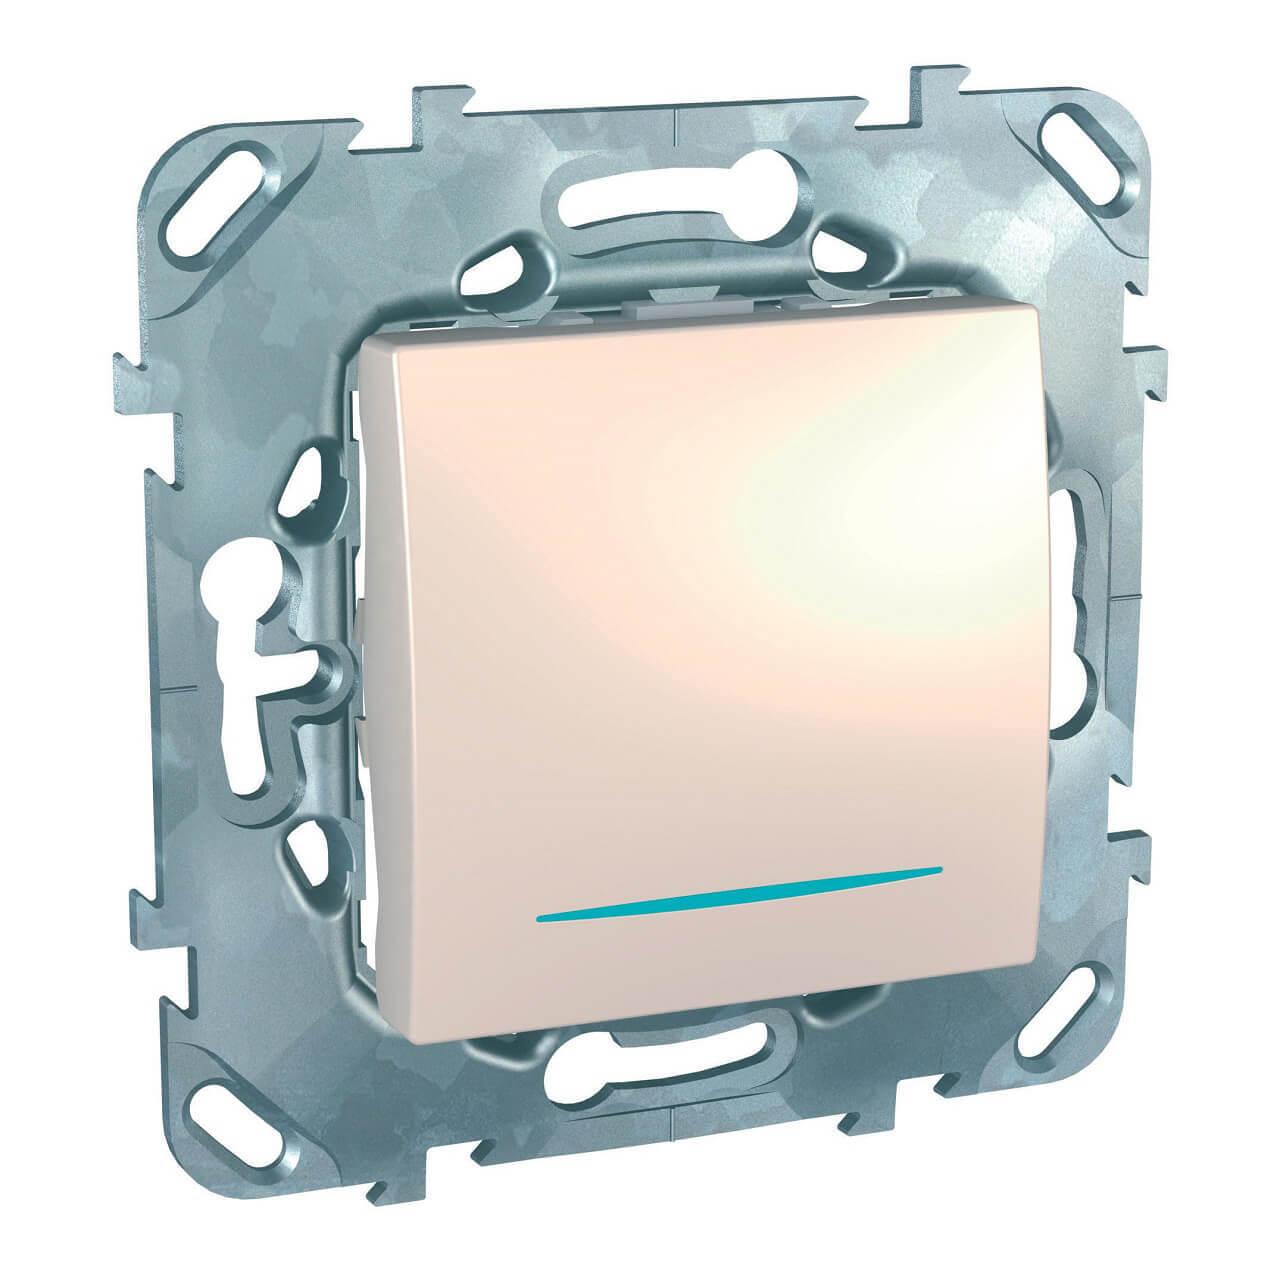 Выключатель одноклавишный с подсветкой Schneider Electric Unica MGU5.201.25NZD schneider одноклавишный кнопочный выключатель unica с подсветкой графит